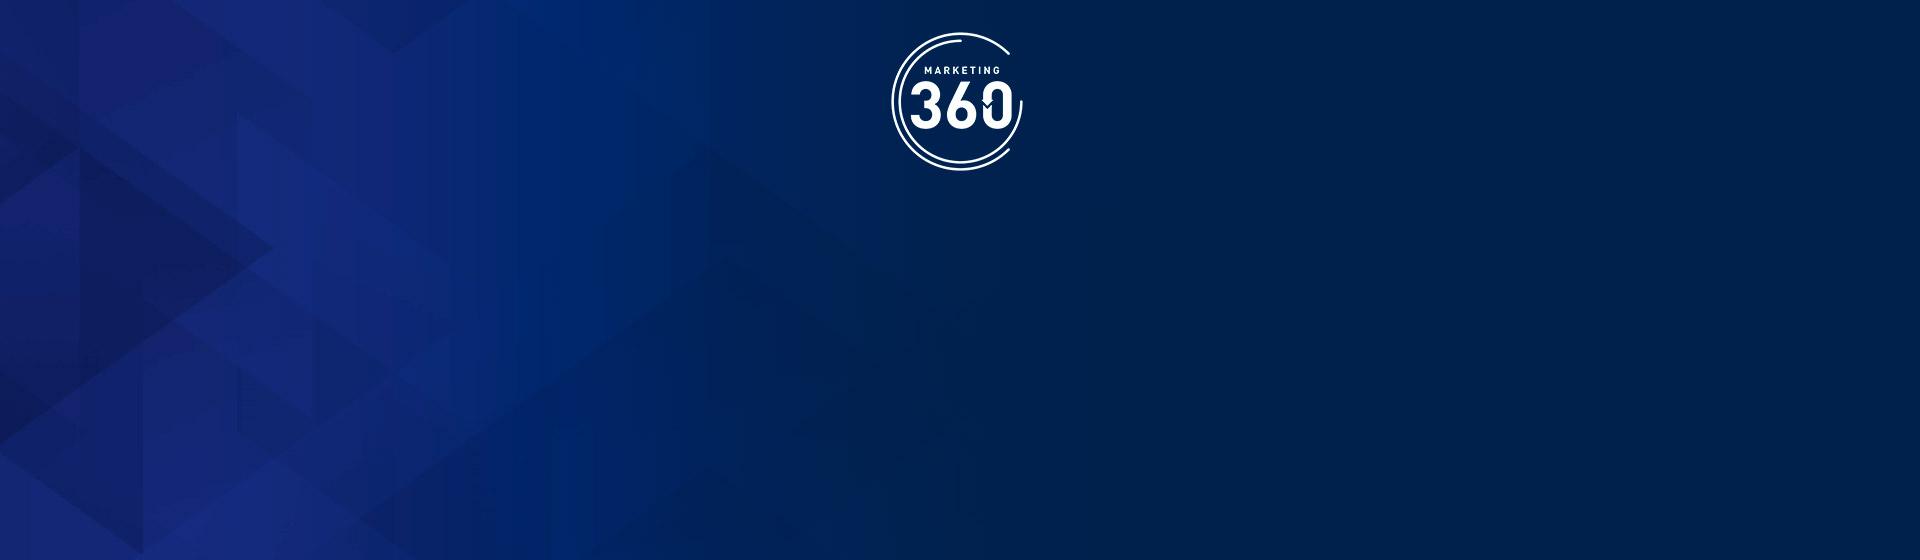 Mkt360